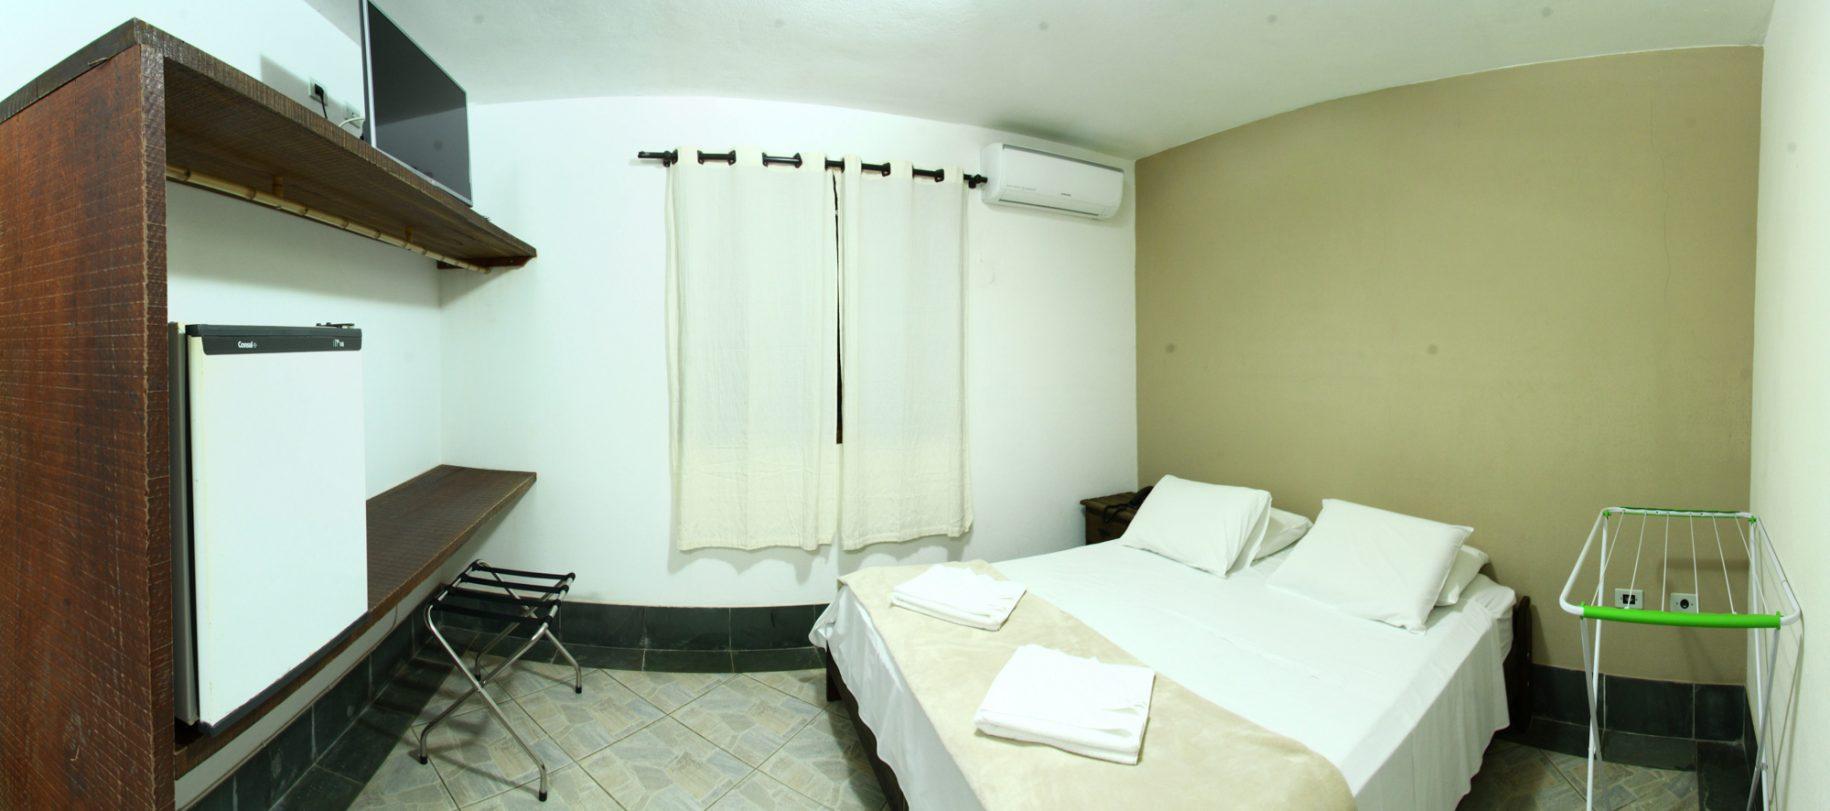 Quarto de um dos chalés do hotel fazenda parque dos sonhos com televisão de led, cama de casal, frigobar